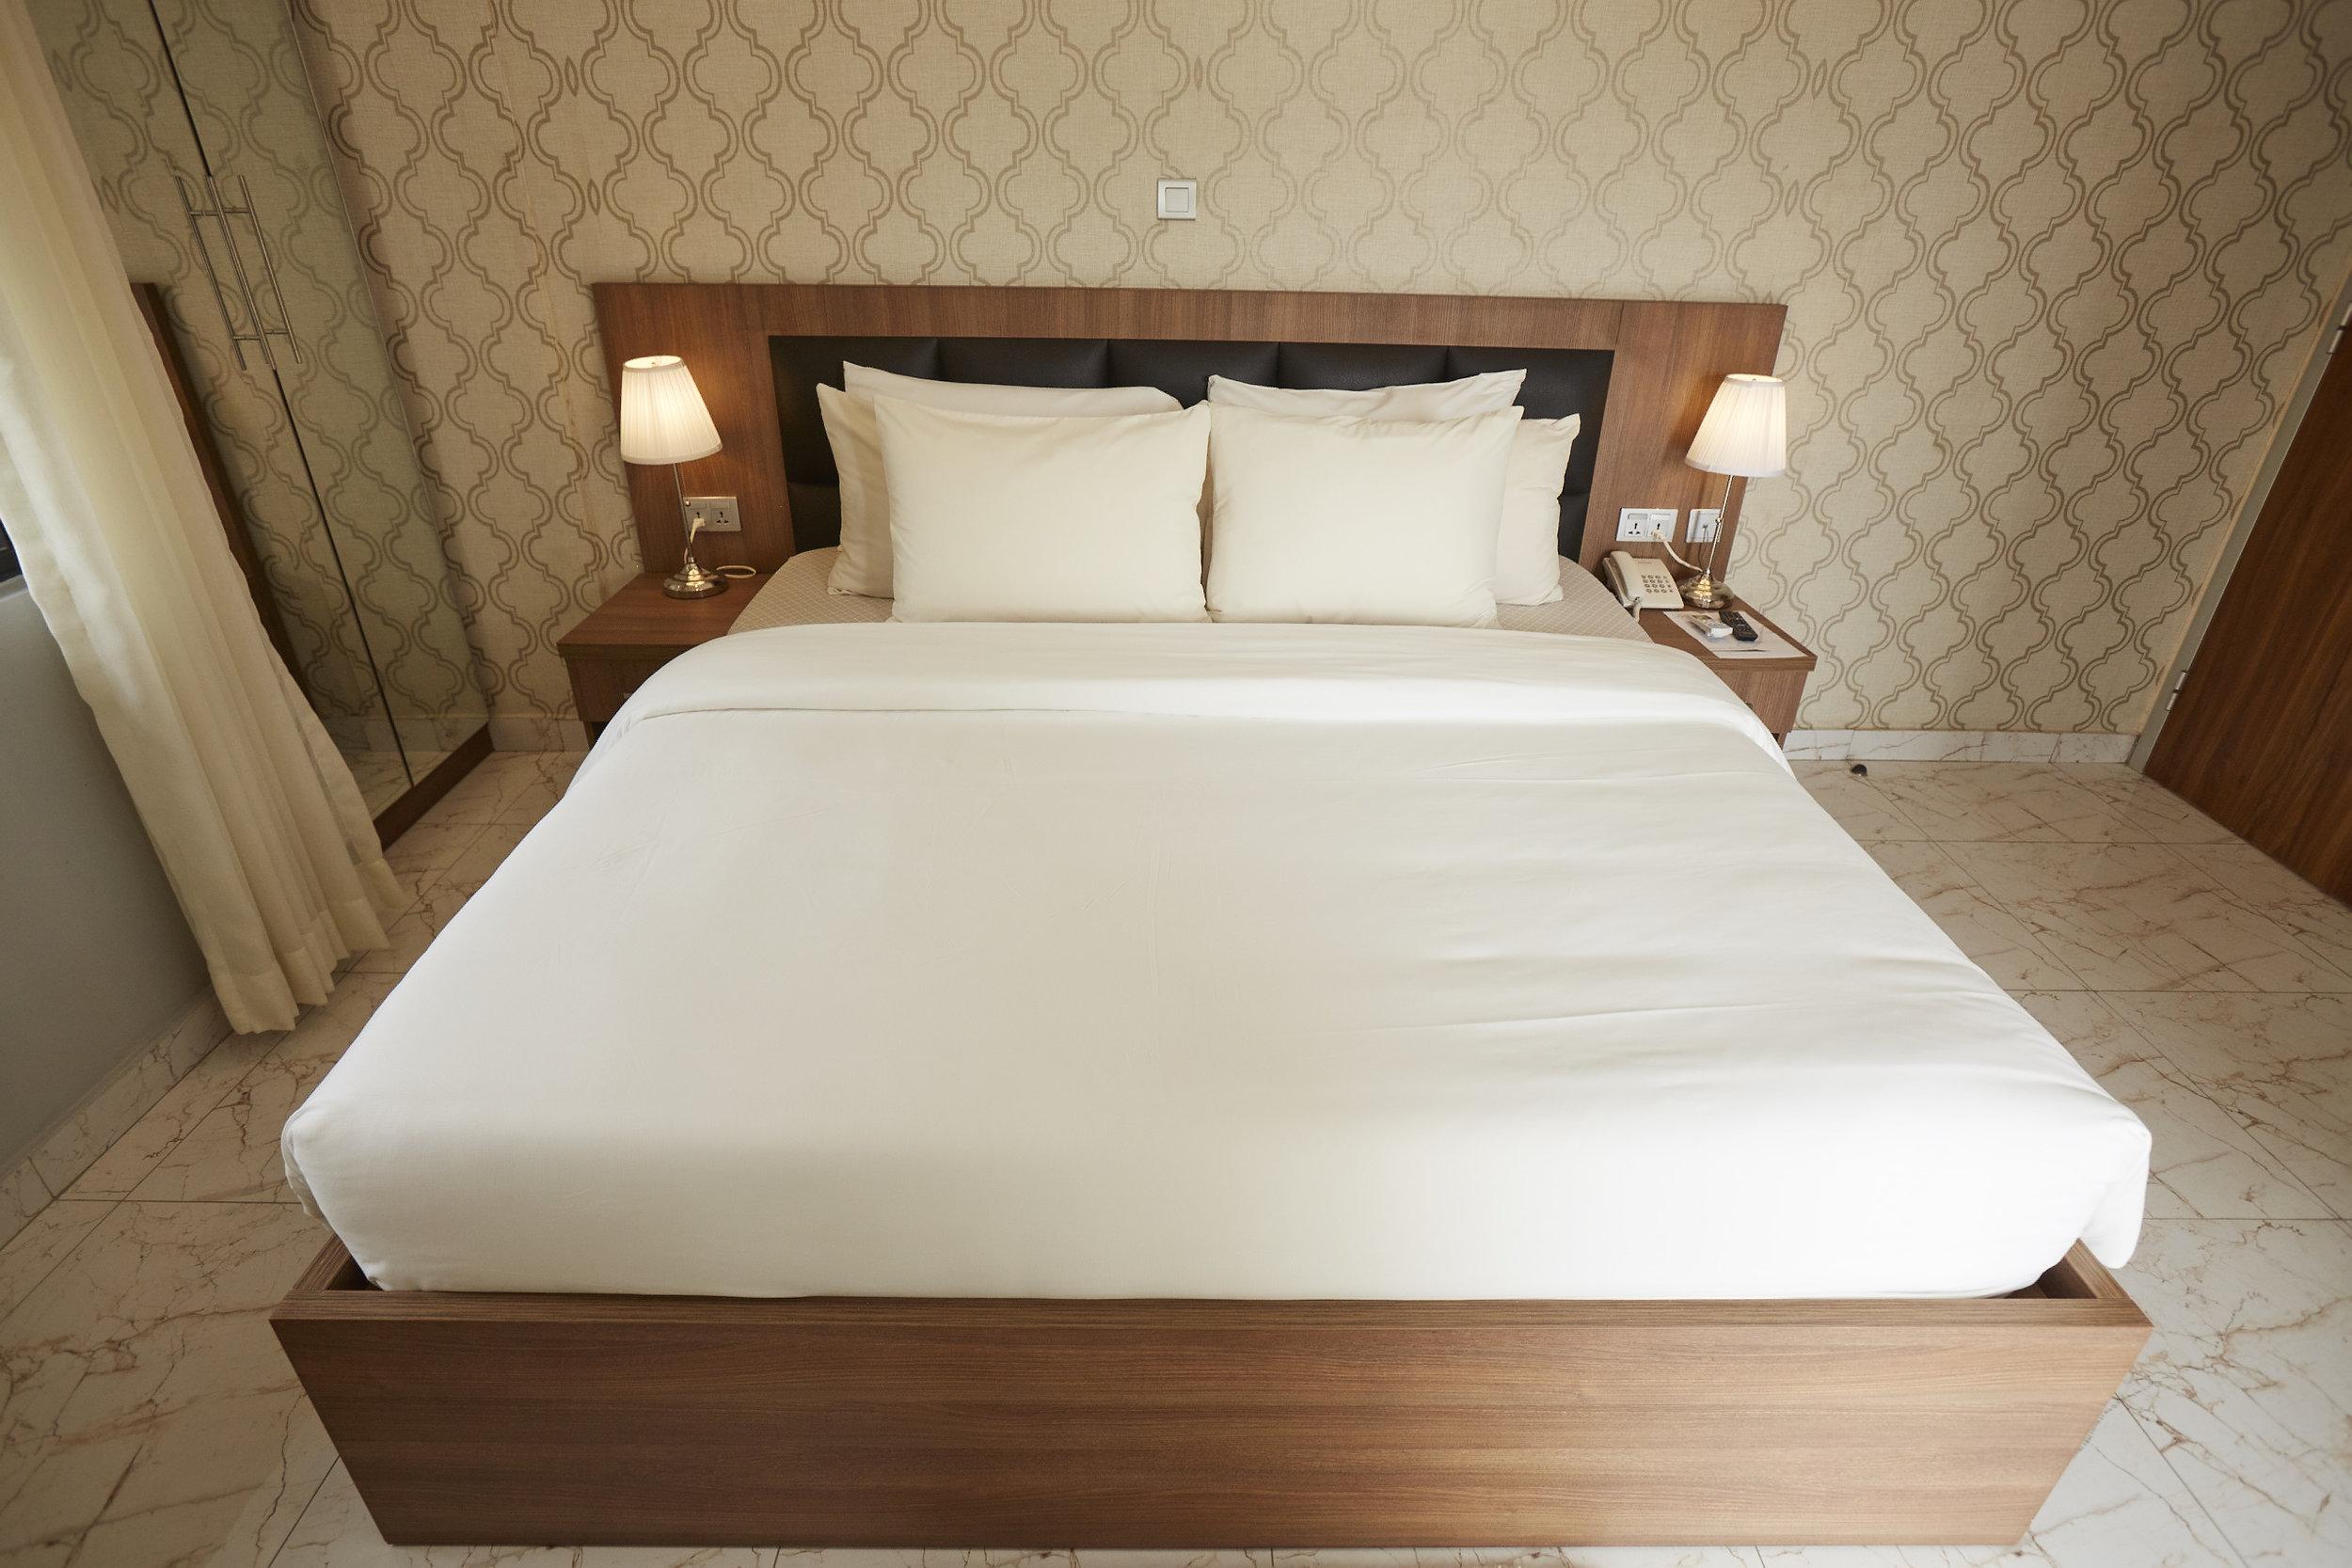 2 Bed Exec Bedroom 3.jpg